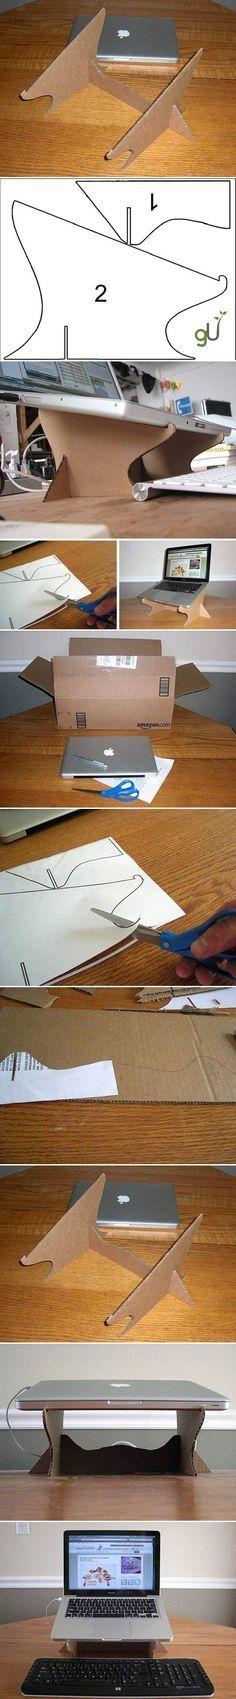 Apprenez à concevoir en quelques minutes ce support en carton pour votre ordinateur portable.